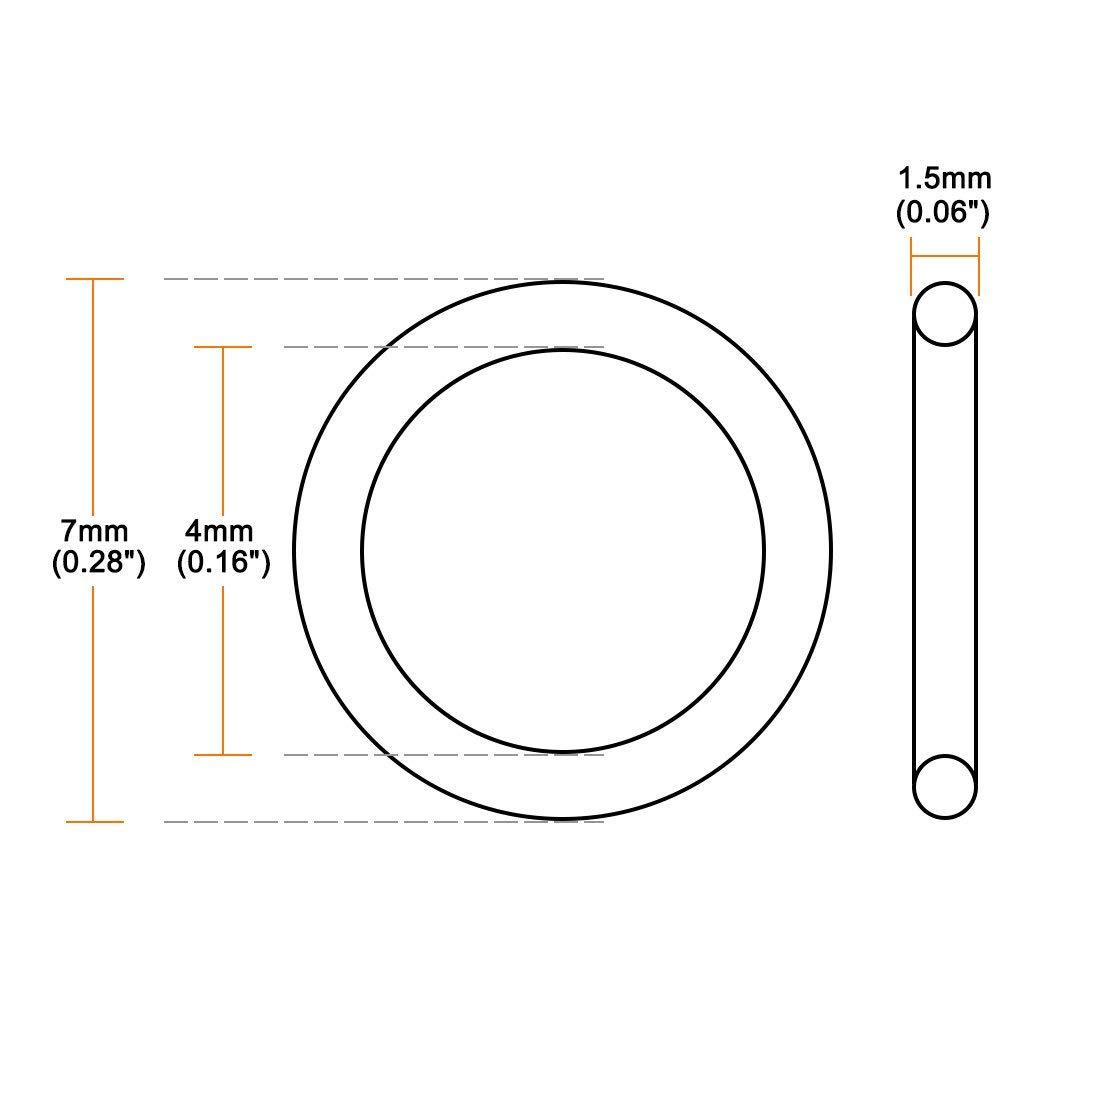 diam/ètre ext/érieur de 7 mm Caoutchouc nitrile pour joints toriques EUNOZAMY paquet de 50 joint d/étanch/éit/é rond diam/ètre int/érieur de 4 mm largeur de 1,5 mm